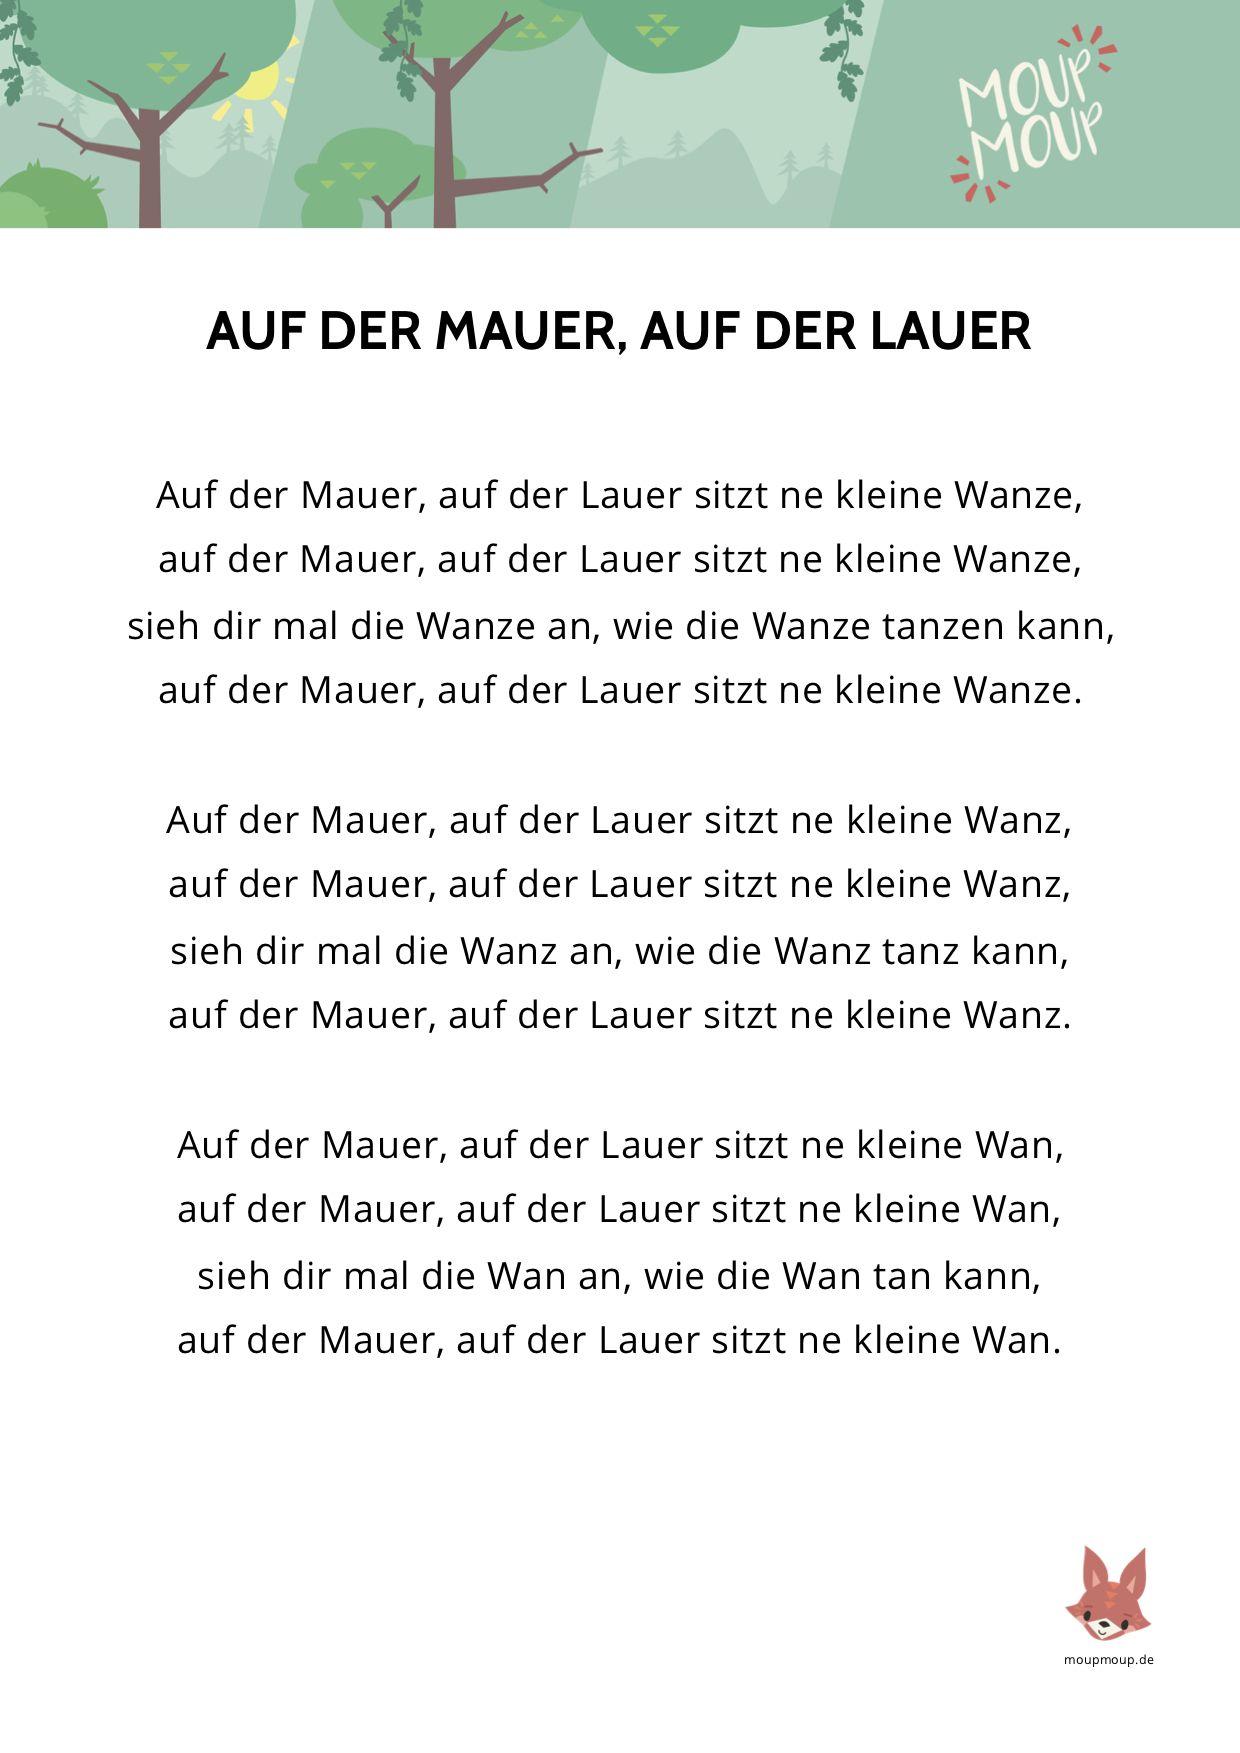 Die Schönsten Weihnachtslieder Zum Ausdrucken.Kinderlieder Texte Kostenlos Zum Ausdrucken Kinderlieder Deutsch